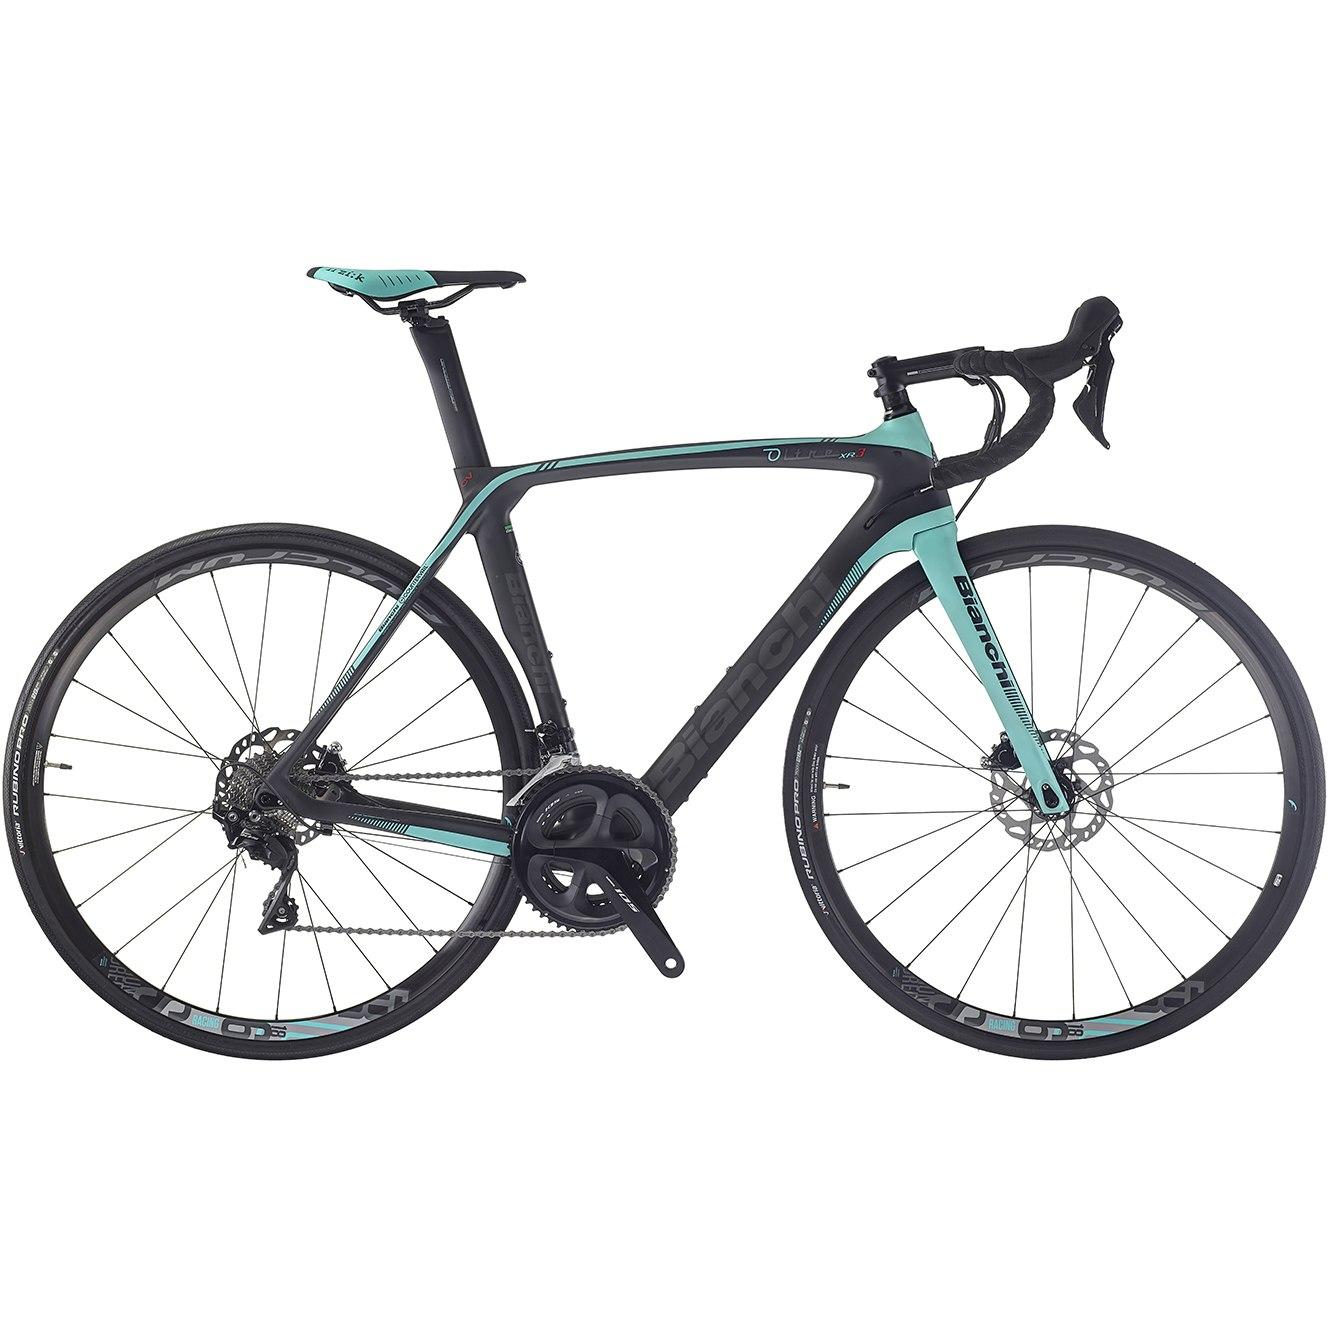 Bianchi OLTRE XR.3 CV DISC 105 Roadbike - 2019 - black/ck16-graphite matt (1Z)